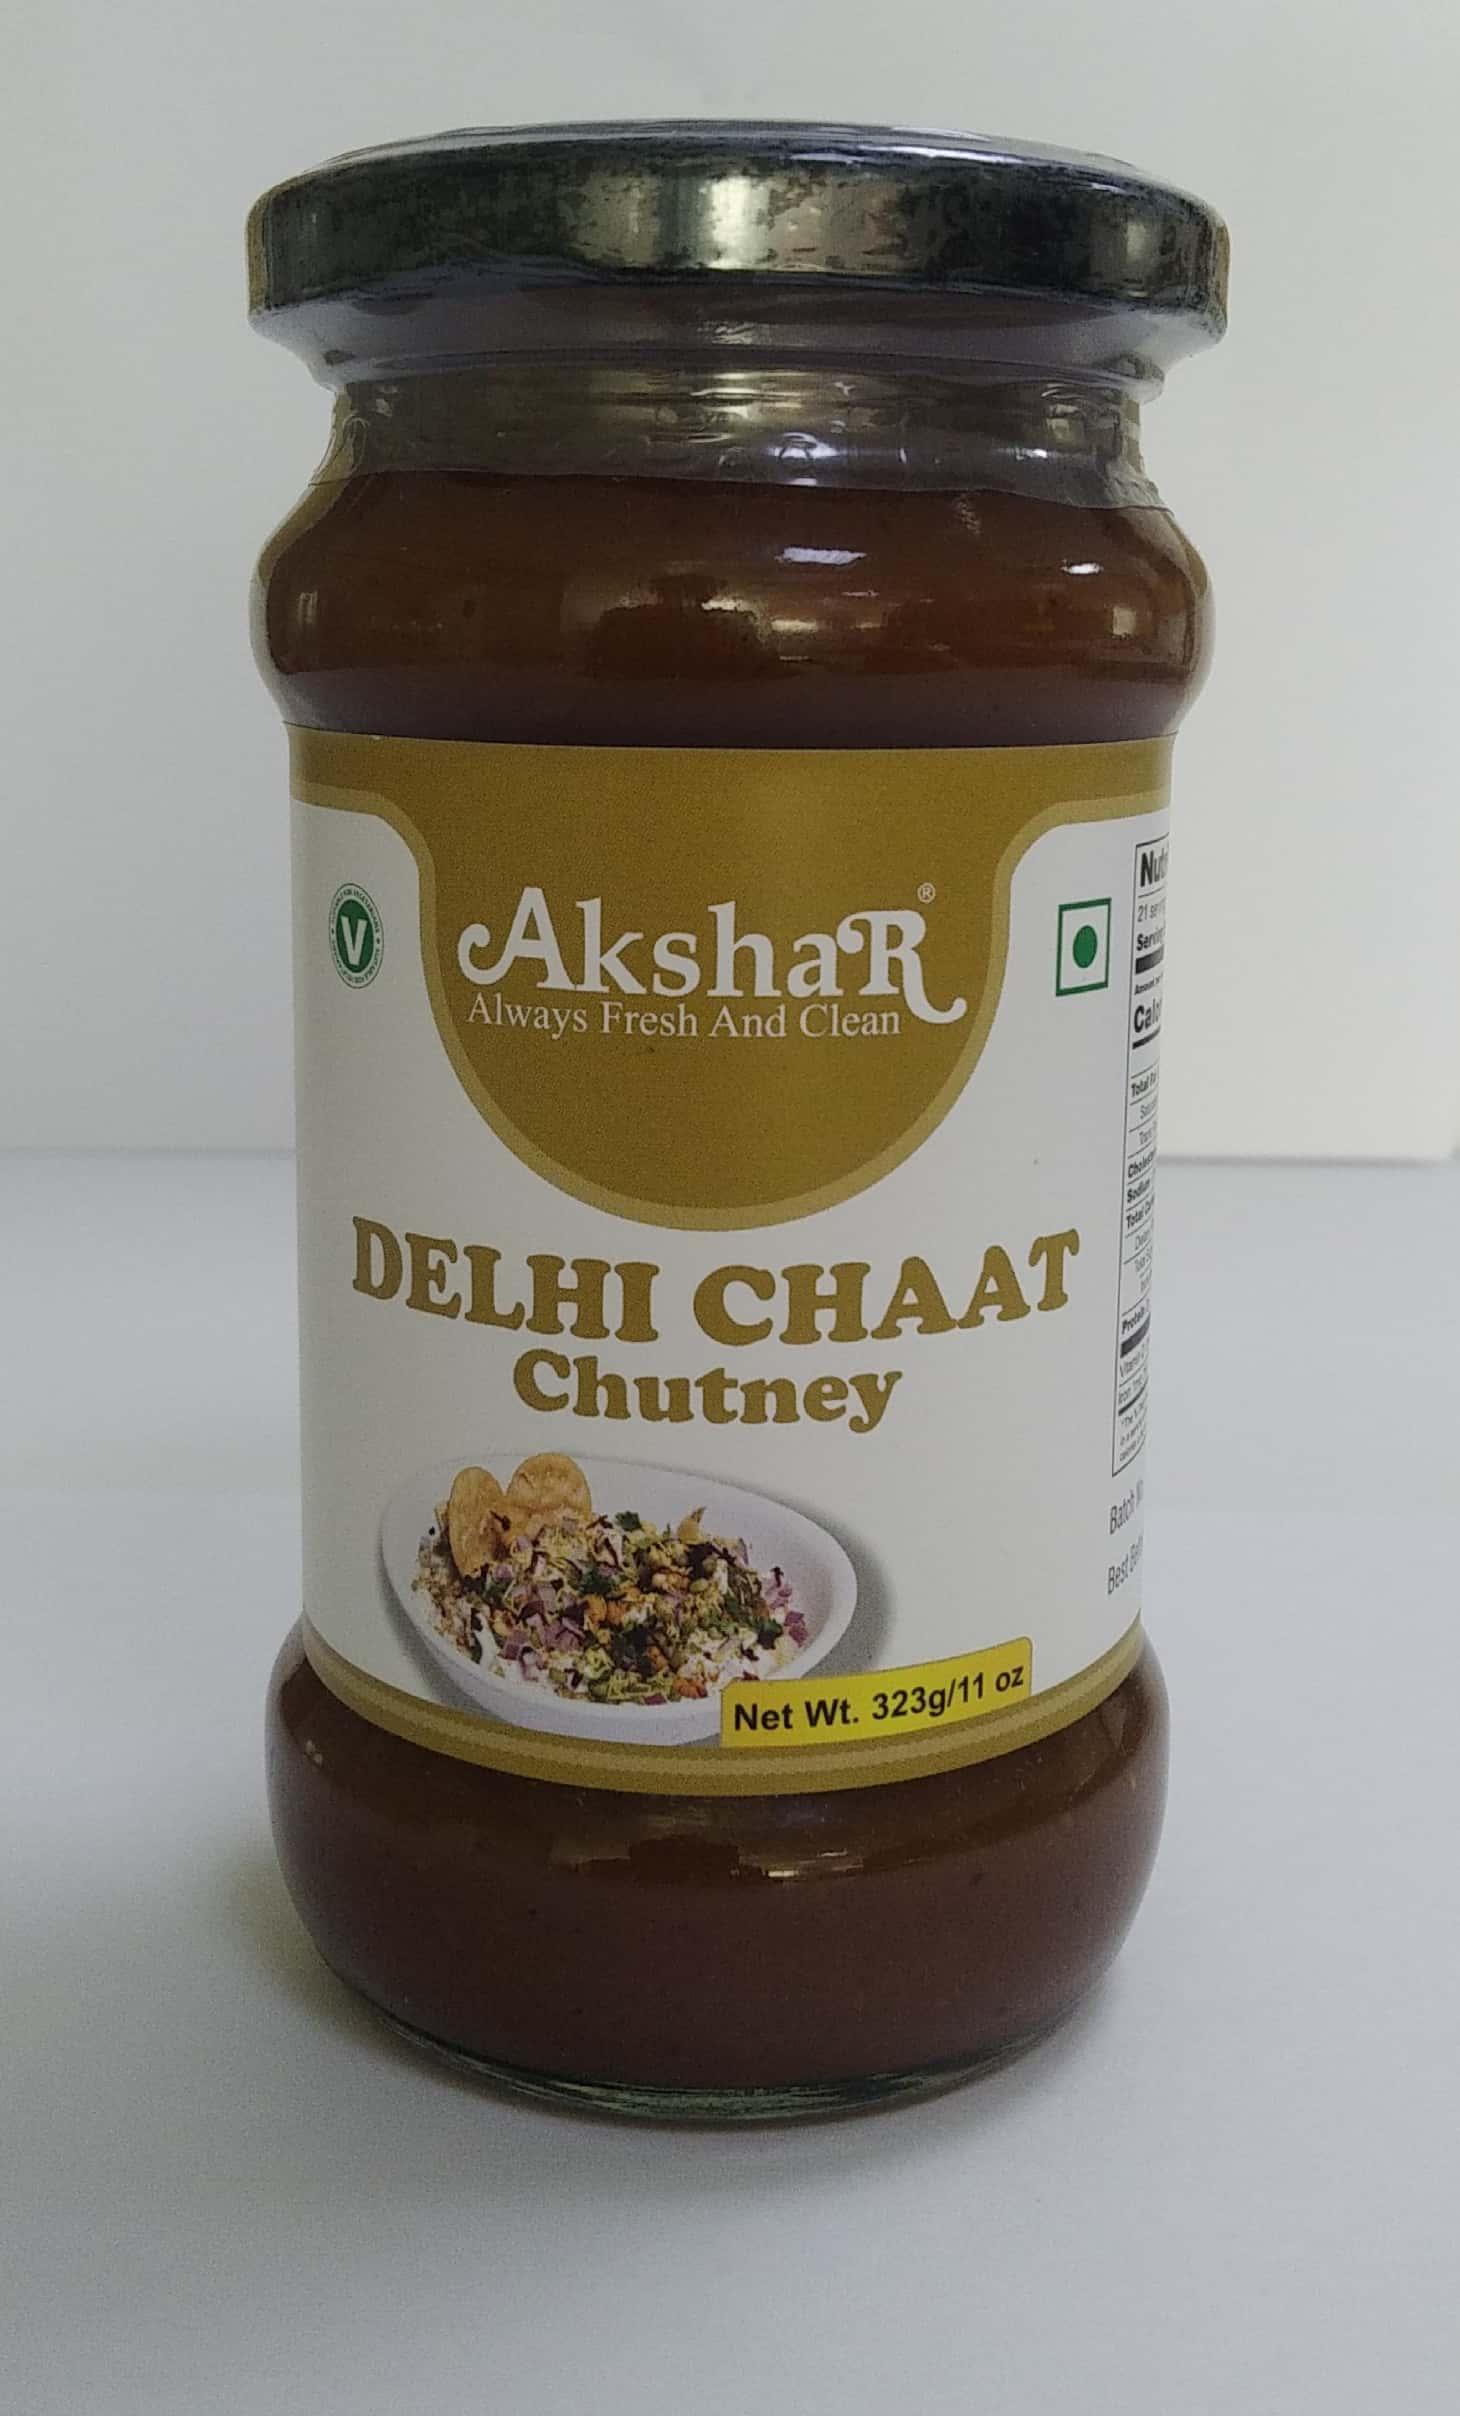 DELHI CHAT CHUTNEY